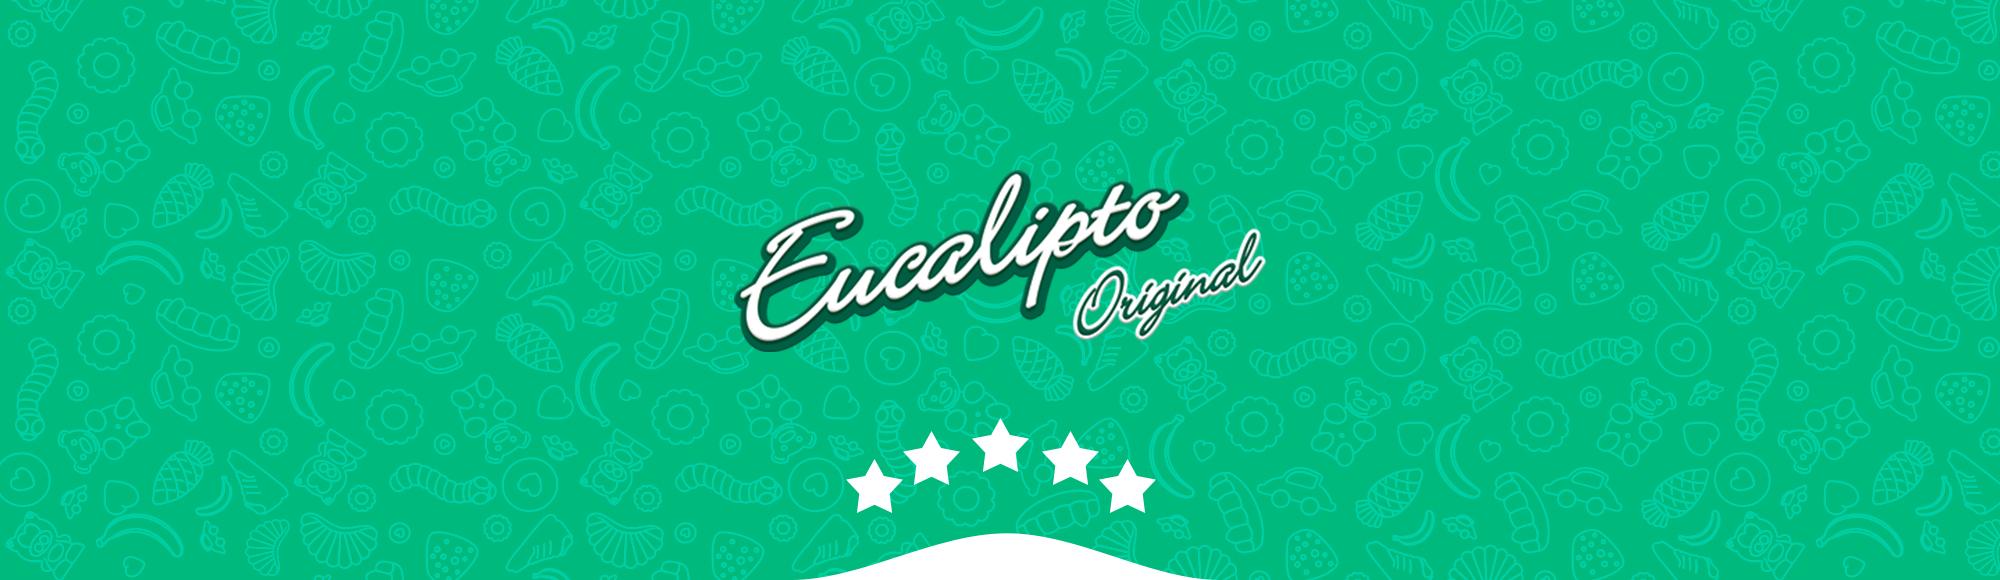 Banner Eucalipto